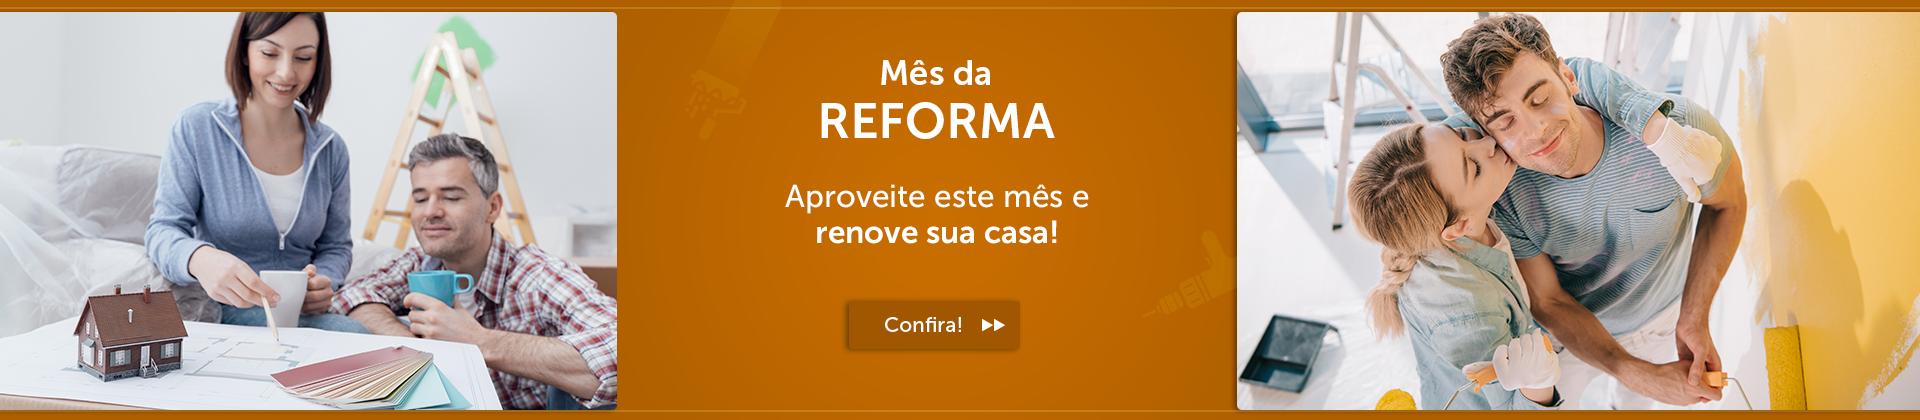 Mês da Reforma